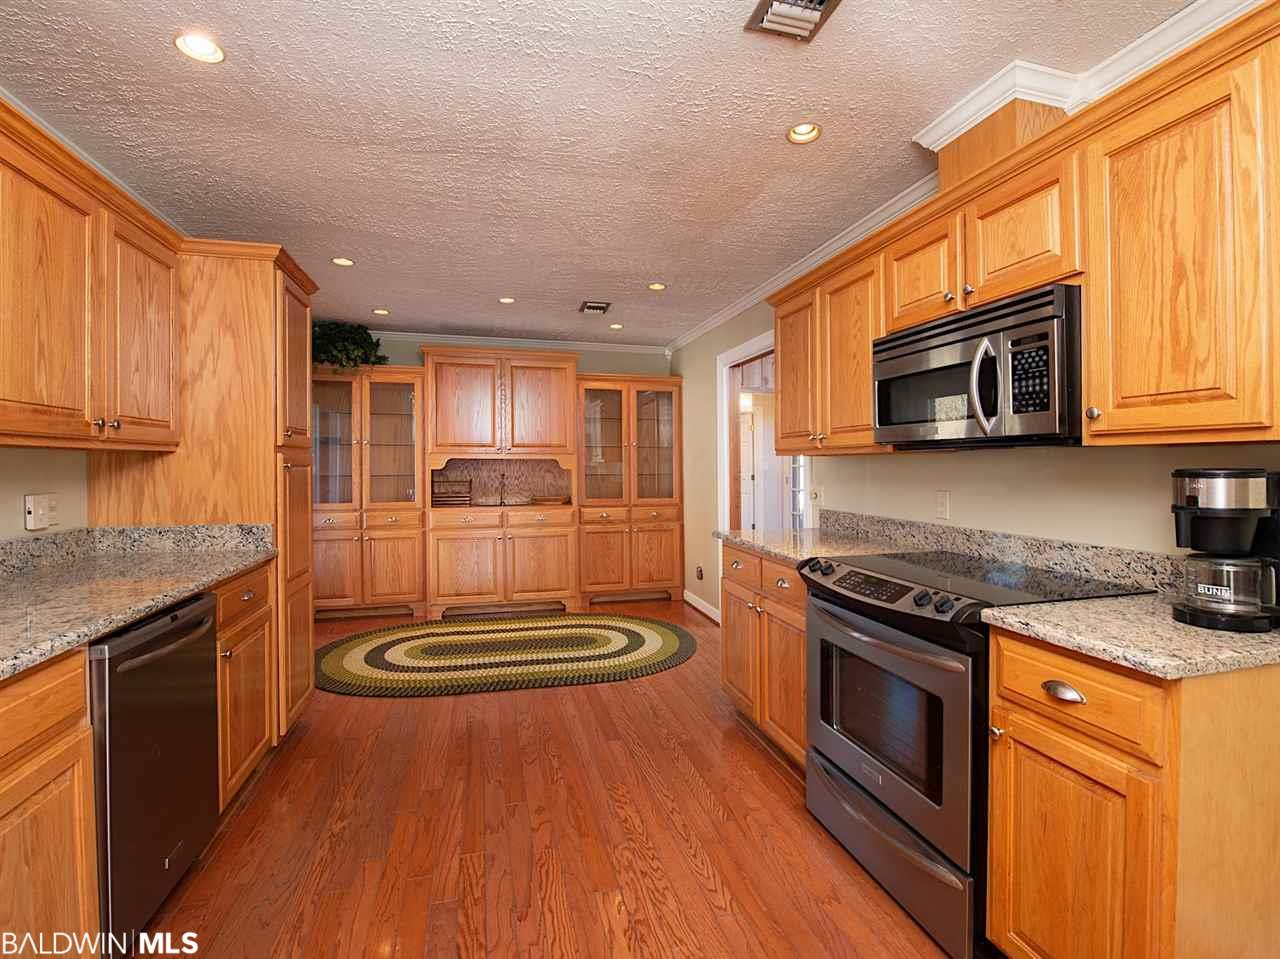 2924 Jack Springs Rd, Atmore, AL 36502